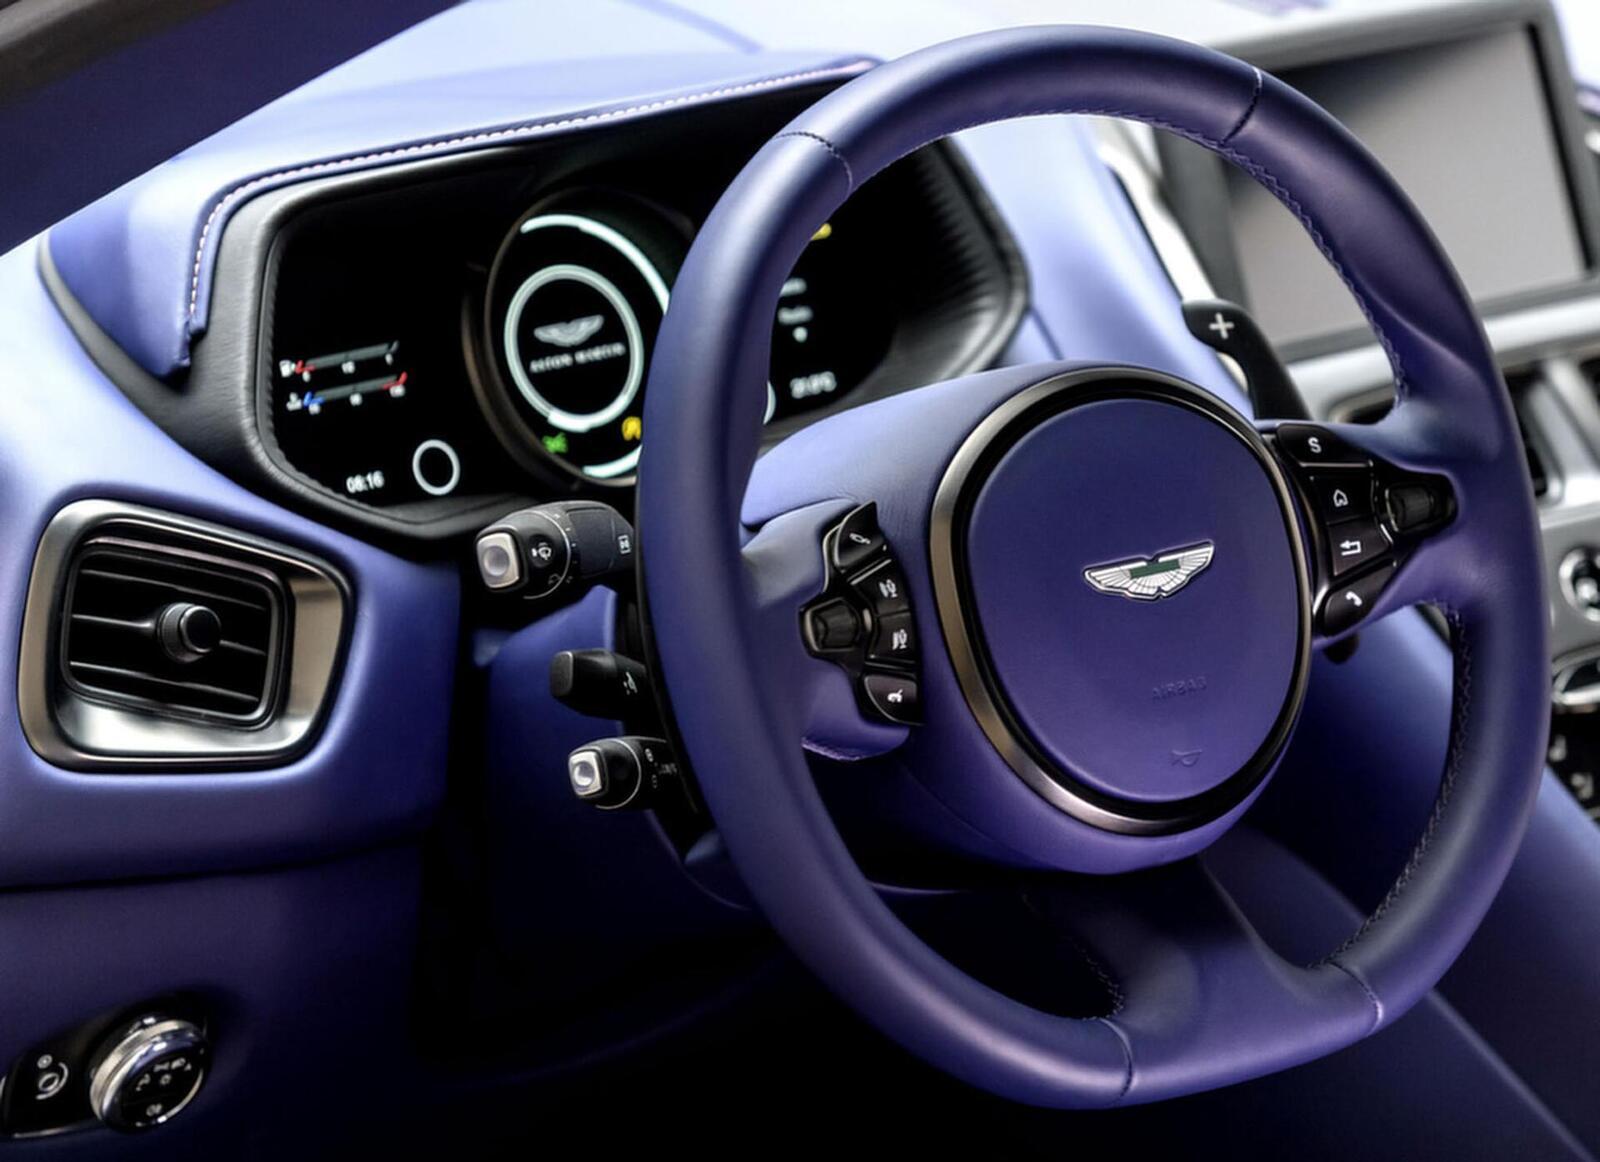 Siêu xe Aston Martin DB11 về Việt Nam; xe nhập chính hãng - Hình 16